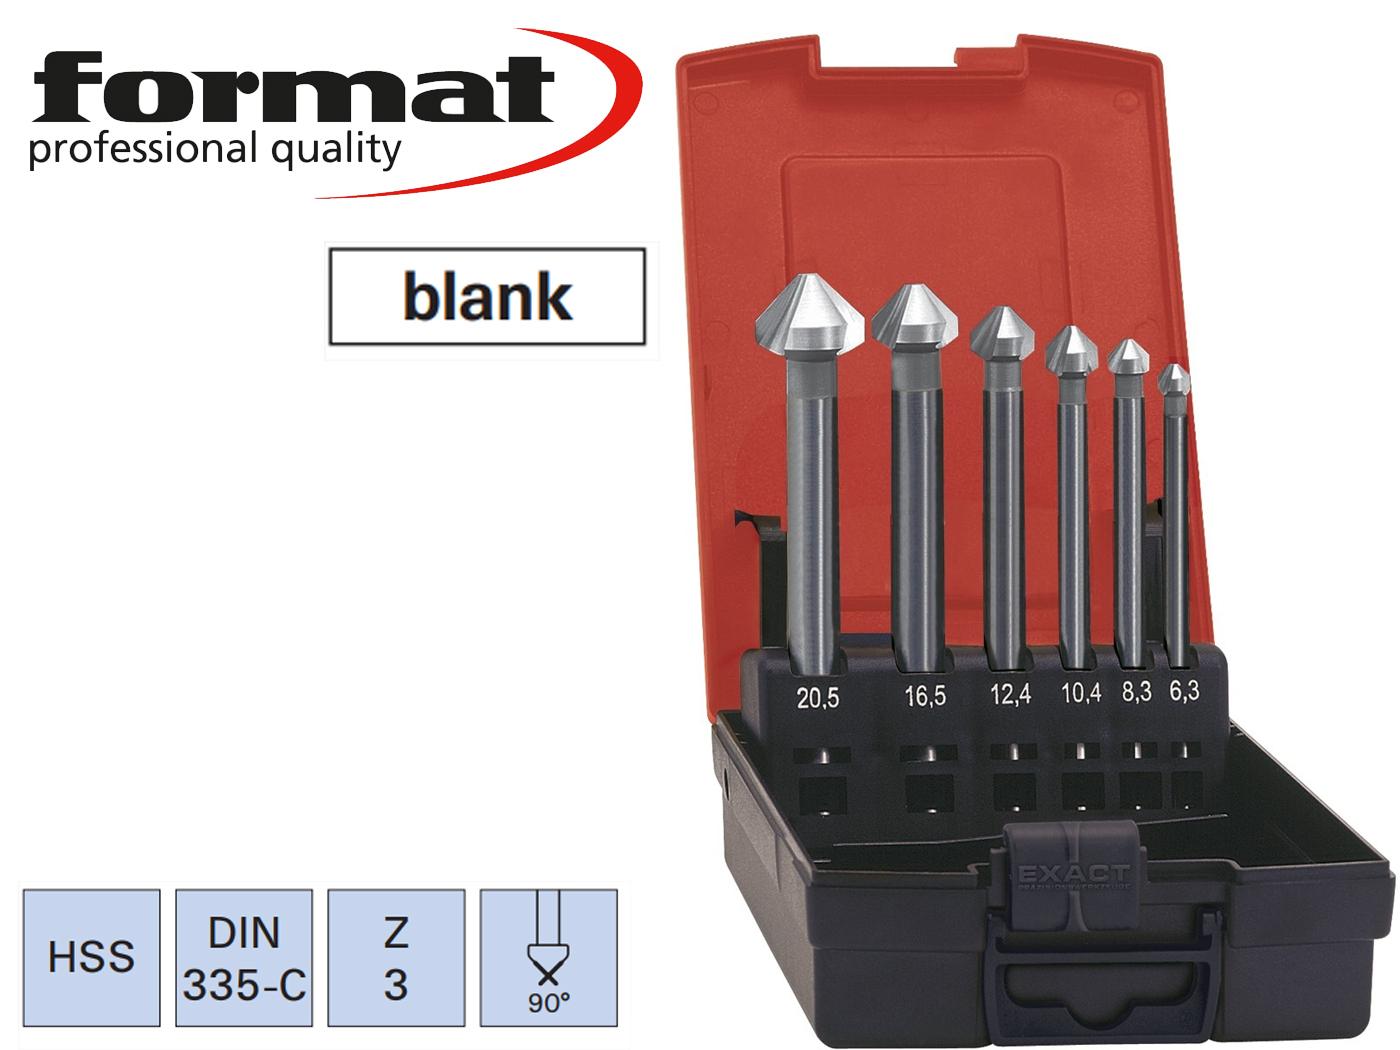 verzinkboor set extra Lang DIN 335 C 90G FORMAT   DKMTools - DKM Tools